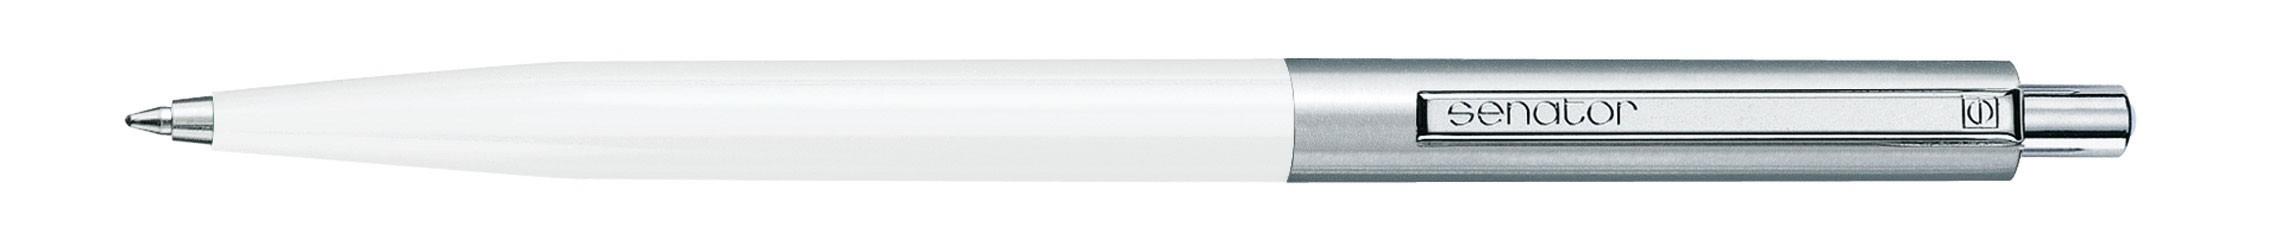 Stylo personnalisable écologique Point métal - stylo publicitaire